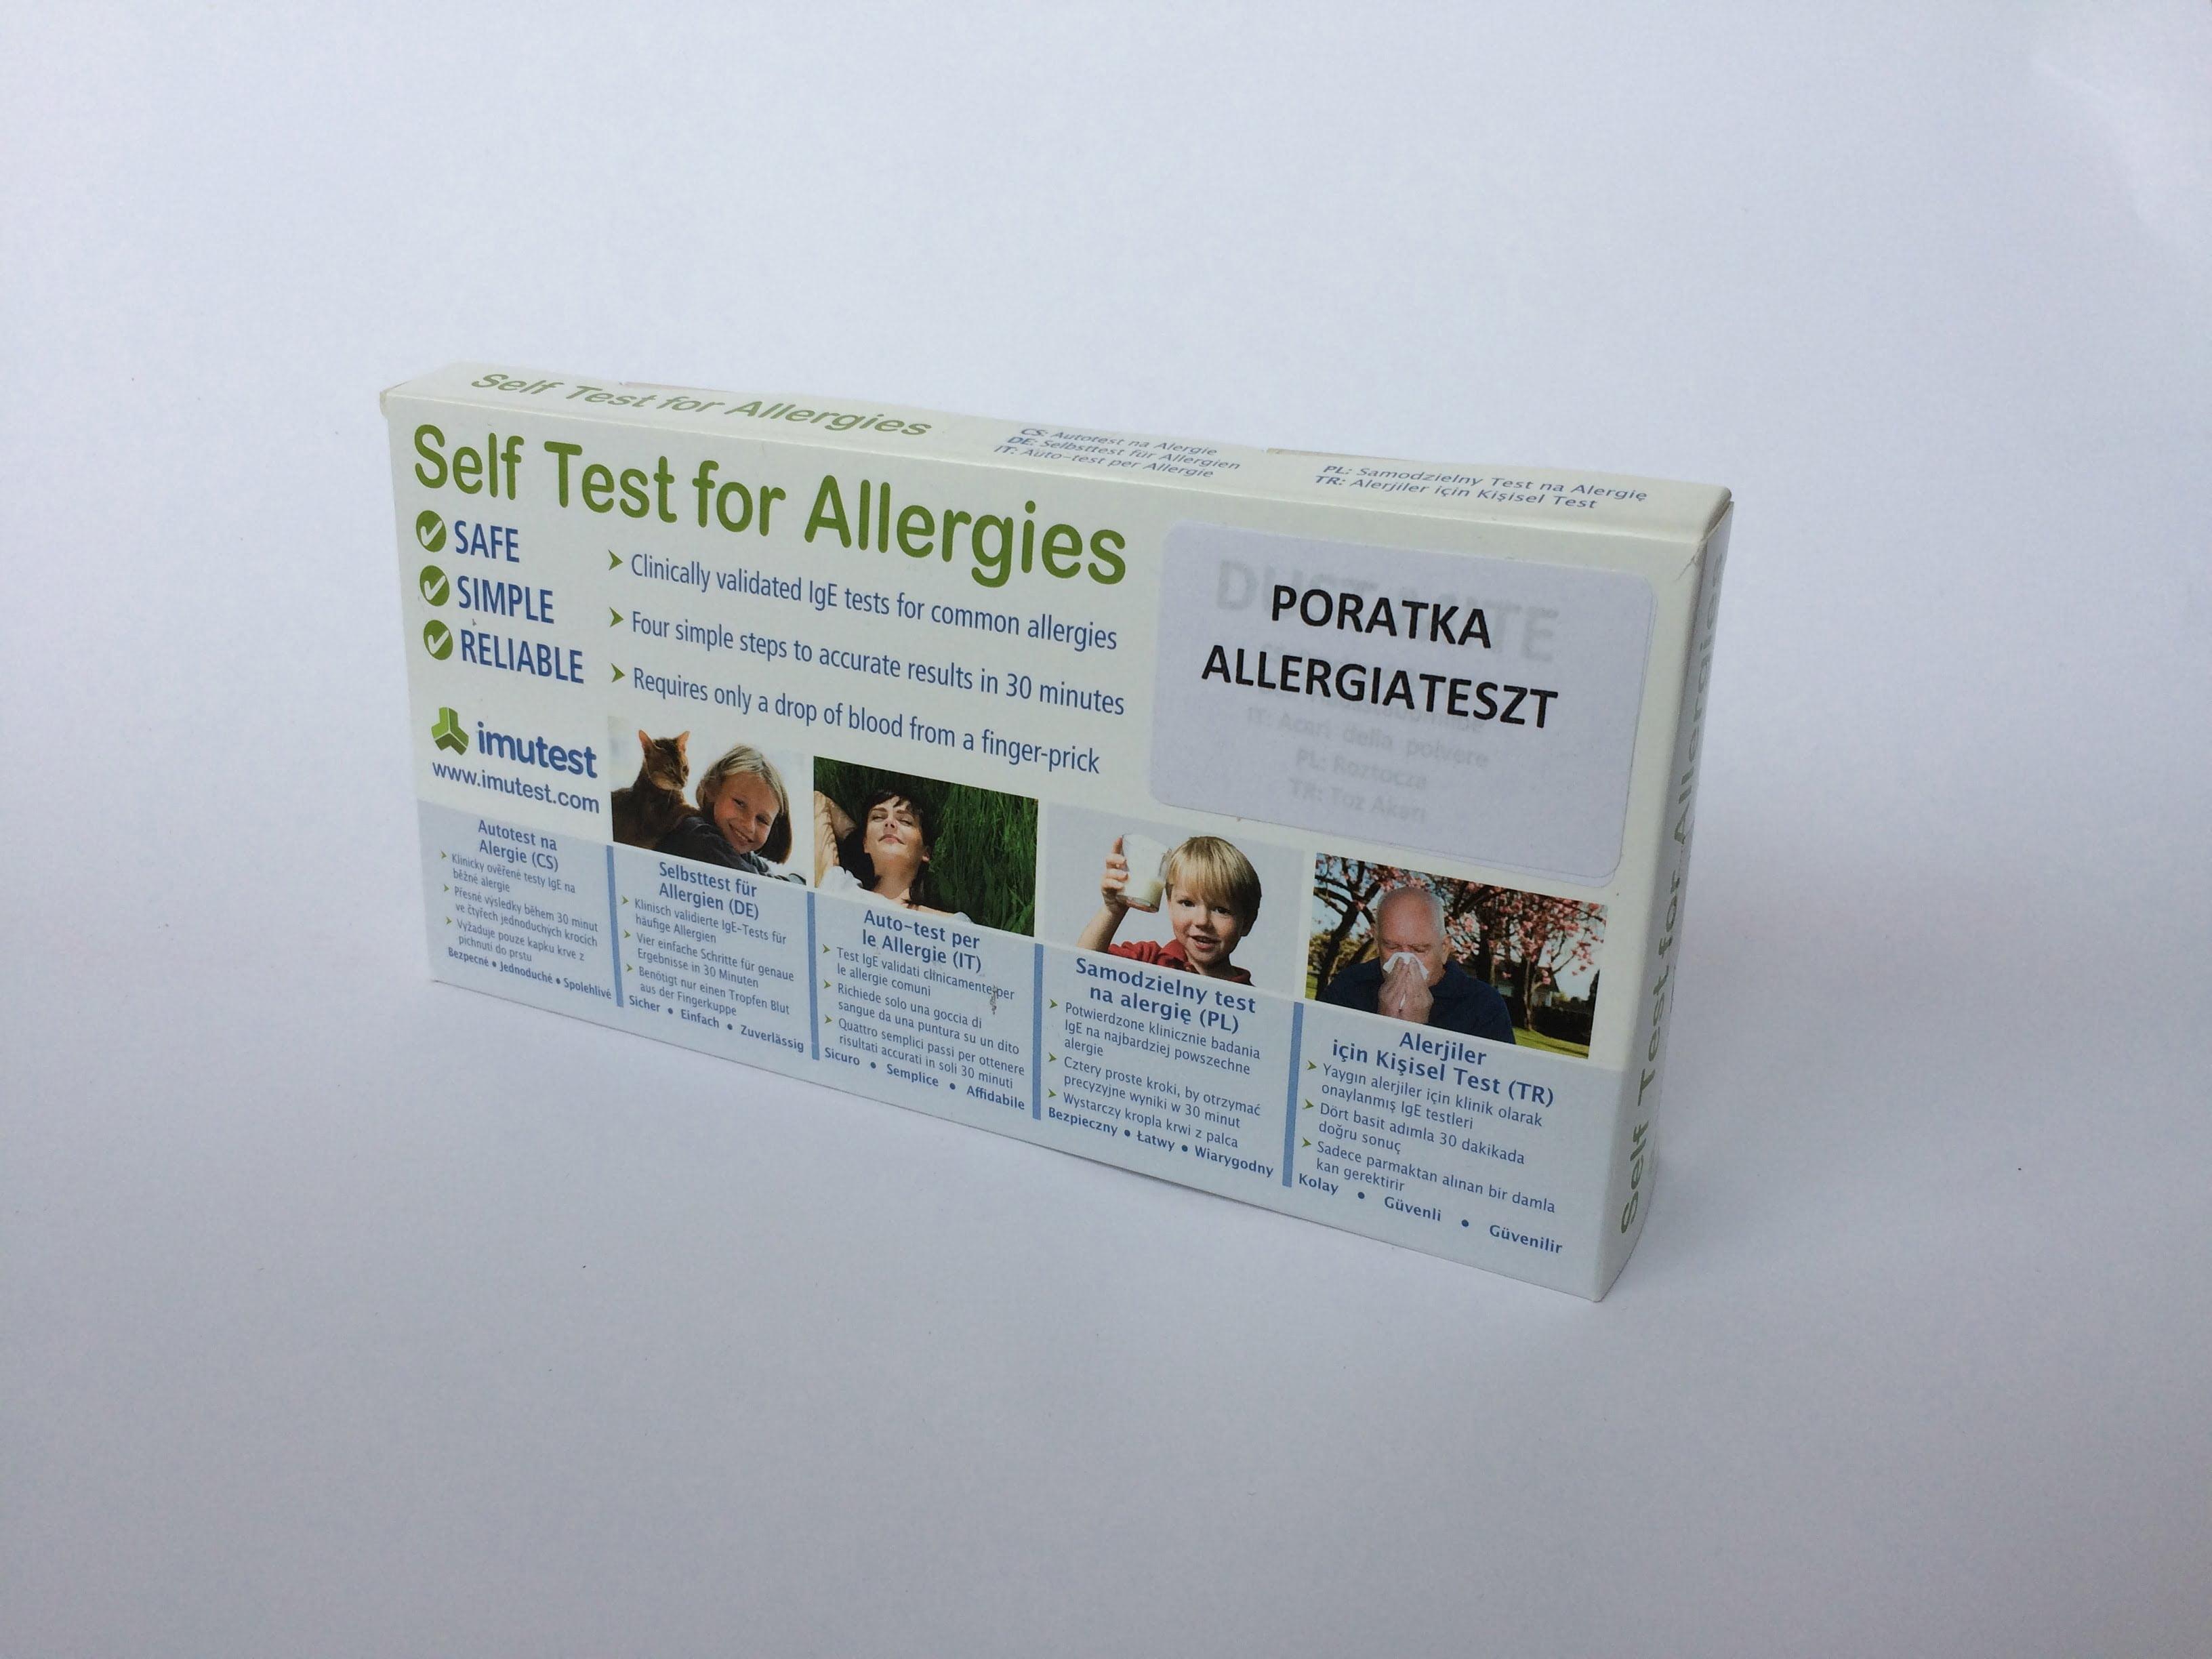 Poratka allergia gyorsteszt otthoni felhasználásra